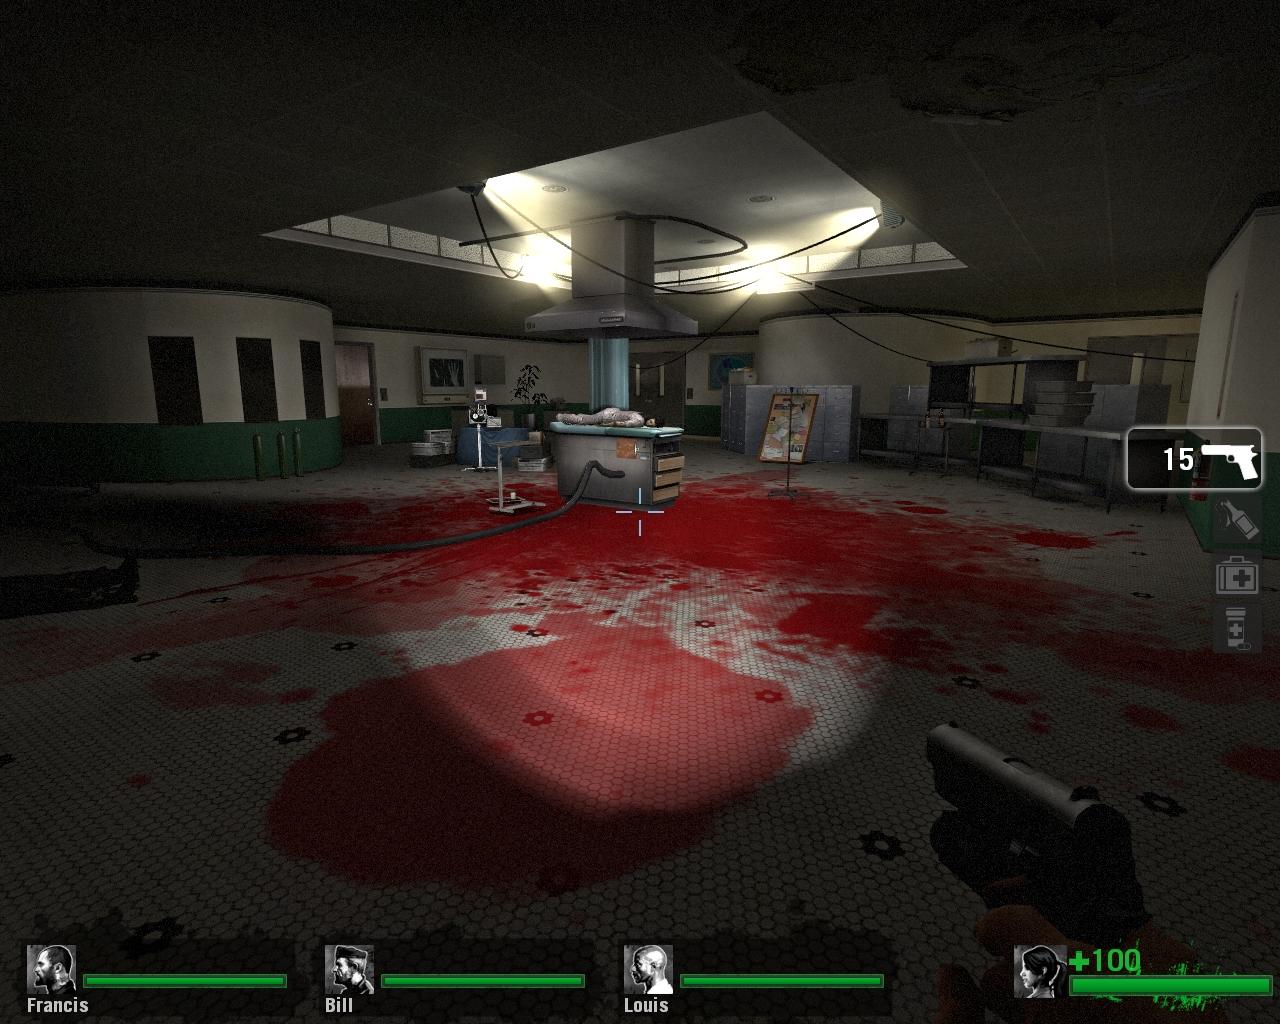 6ebf95d6529f01 Premier visuel sur la morgue. - Dotclear Blog